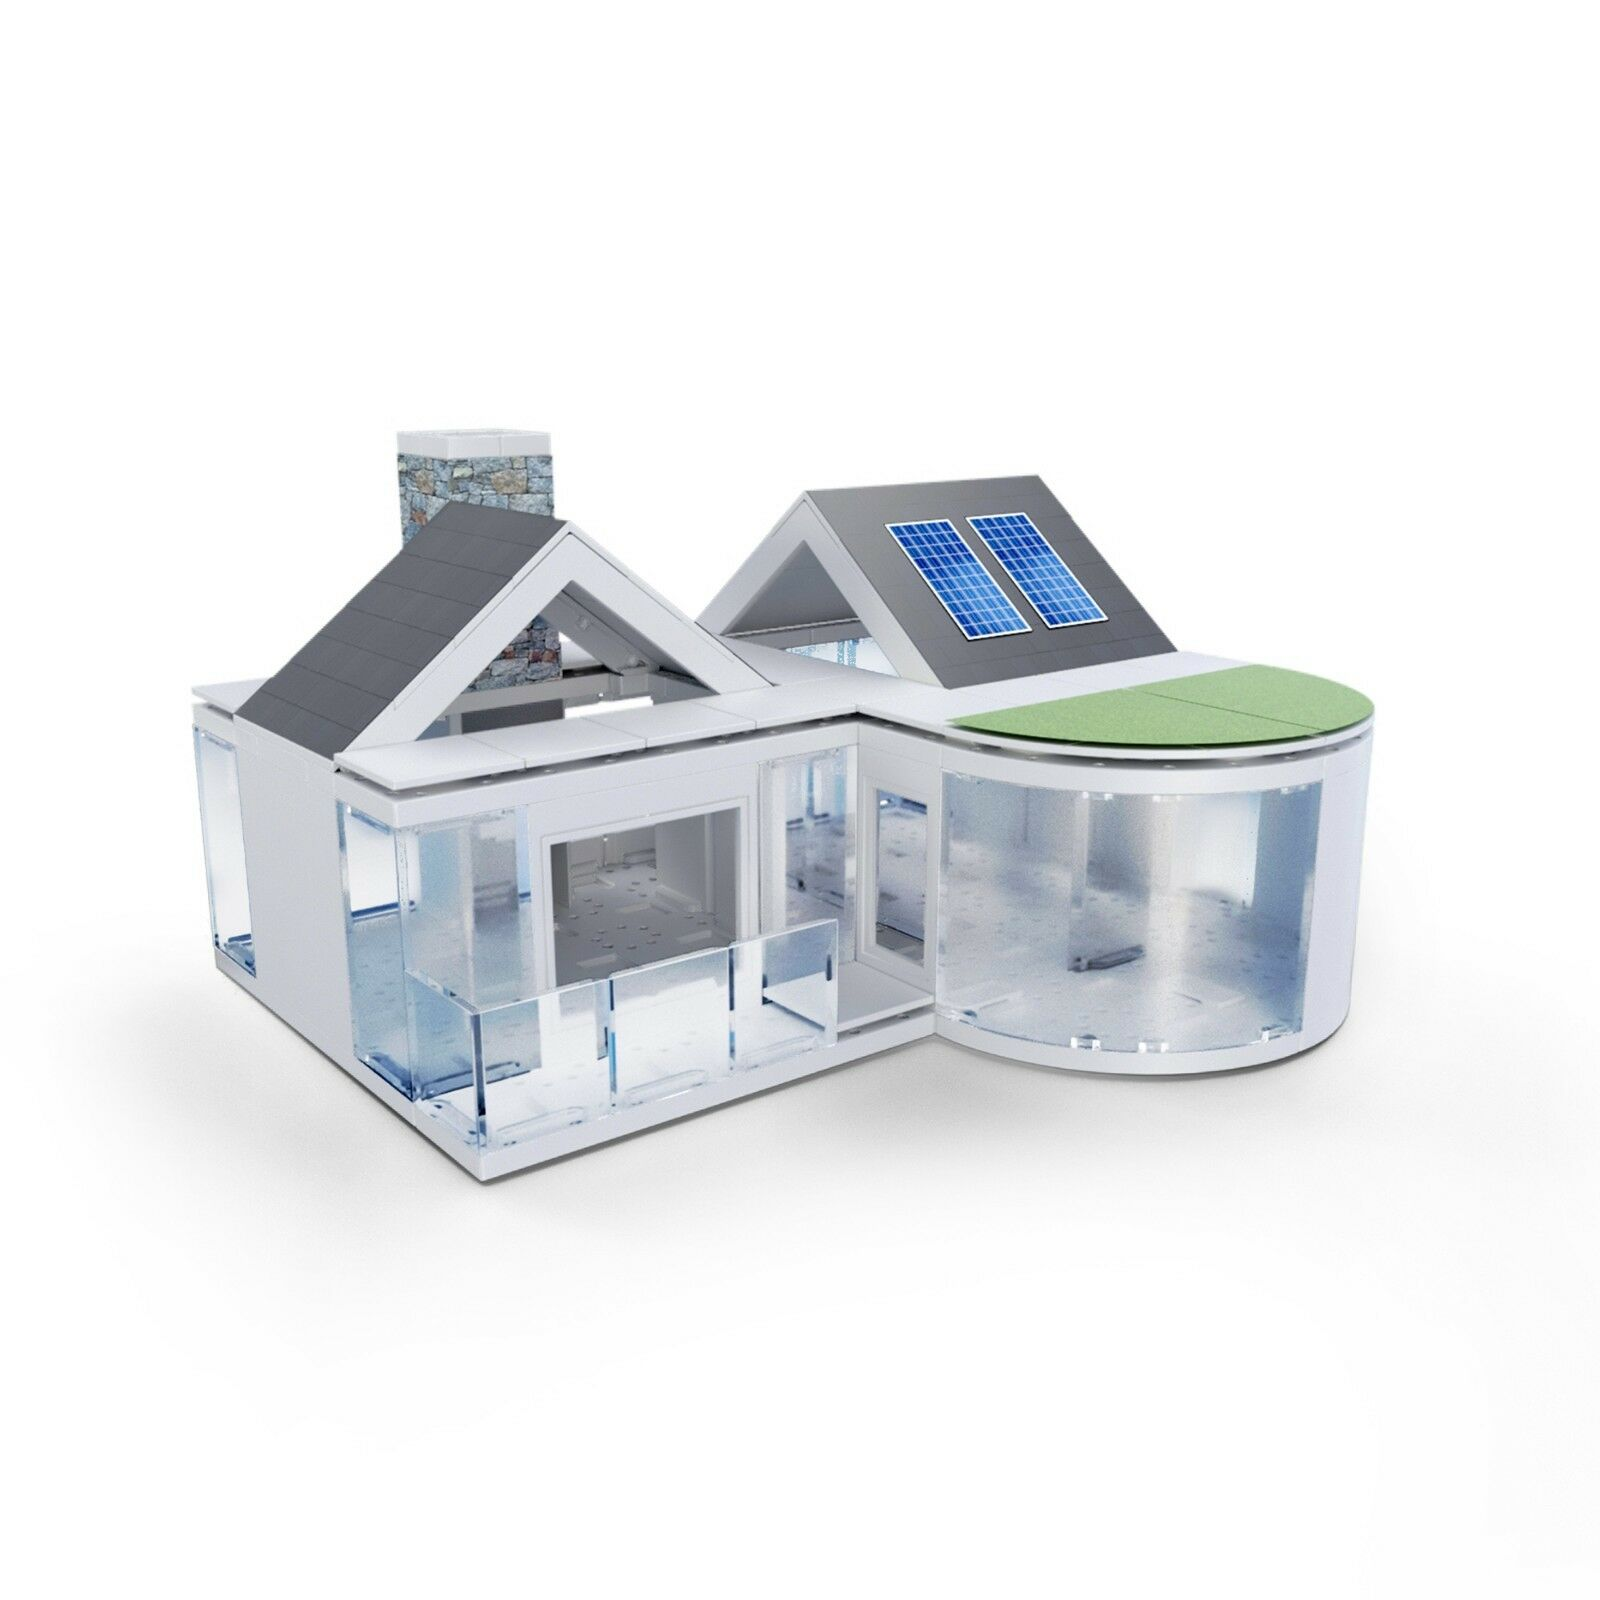 Details about GO Plus 2 0 - Kids Architectural Home Model Building Kit  (160+ Piece)